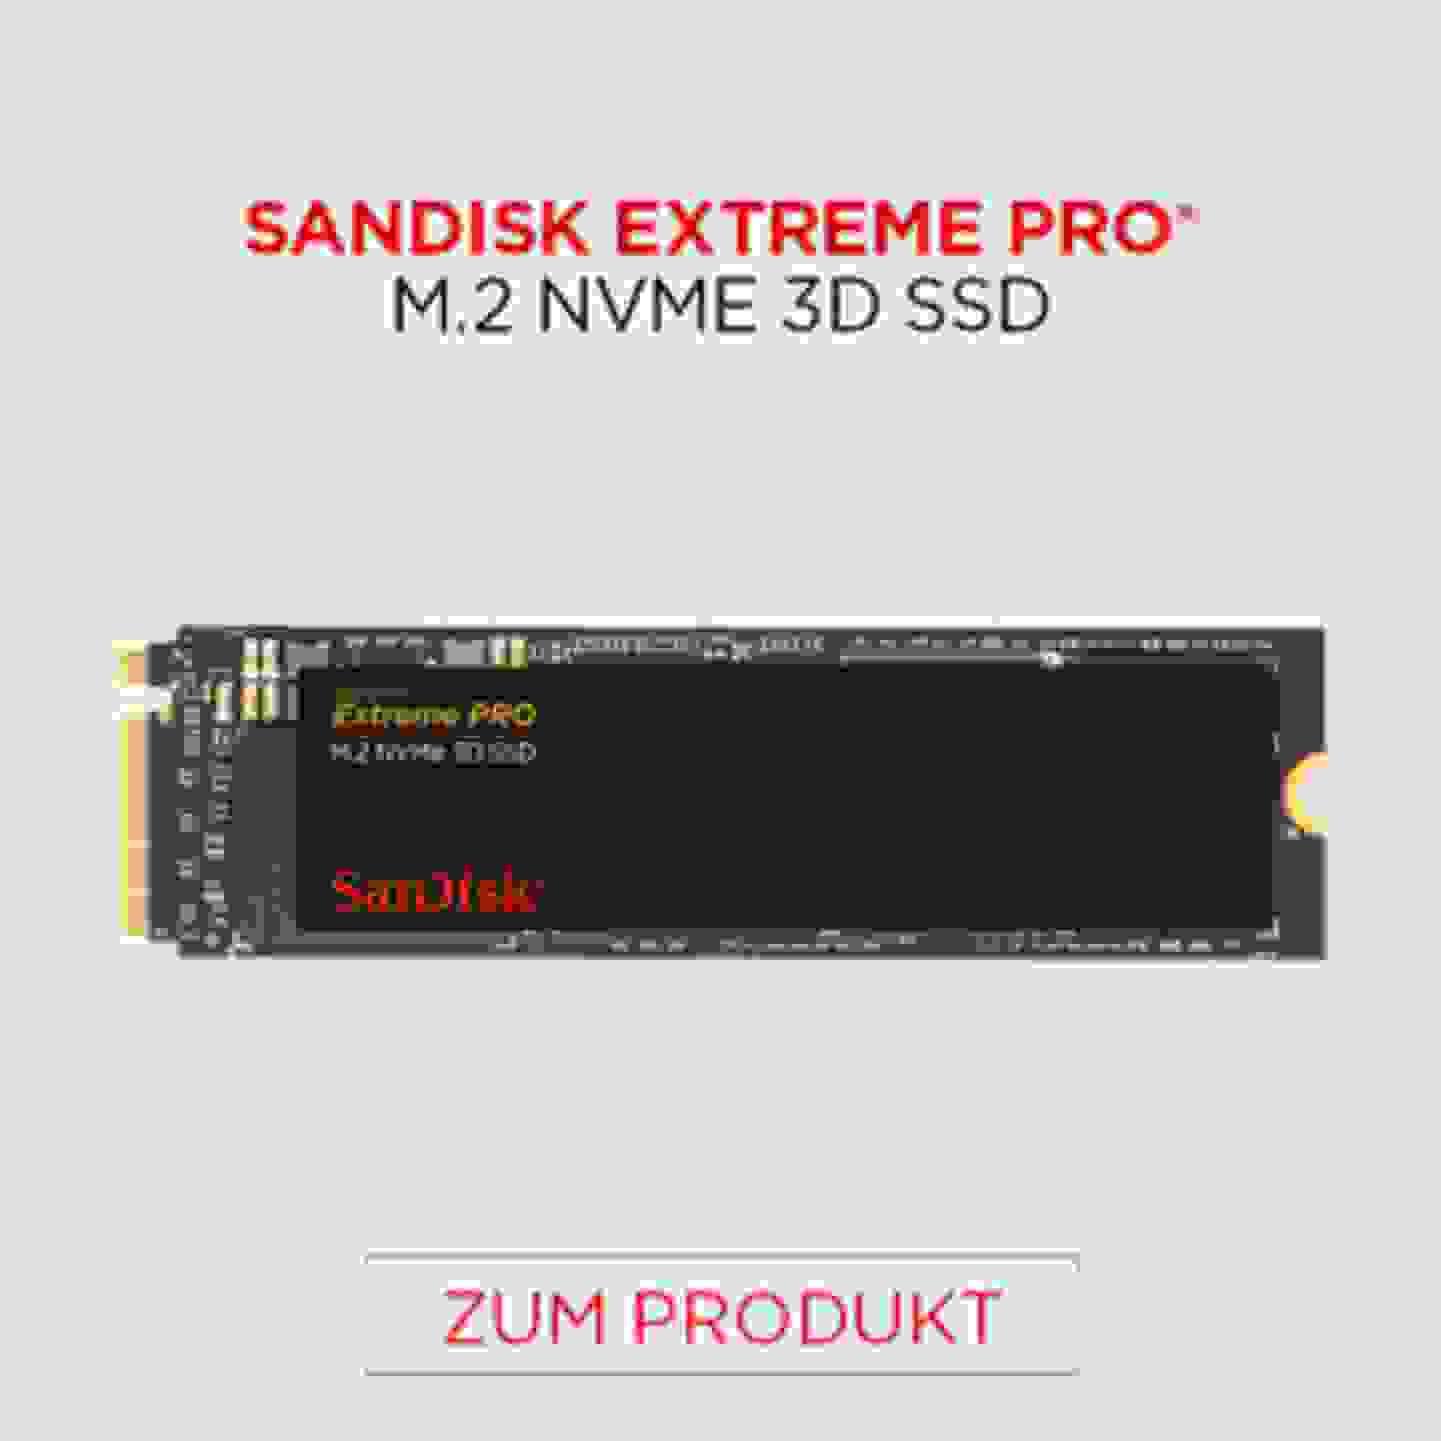 Sandisk Extreme Pro M.2 NVME 3D SSD